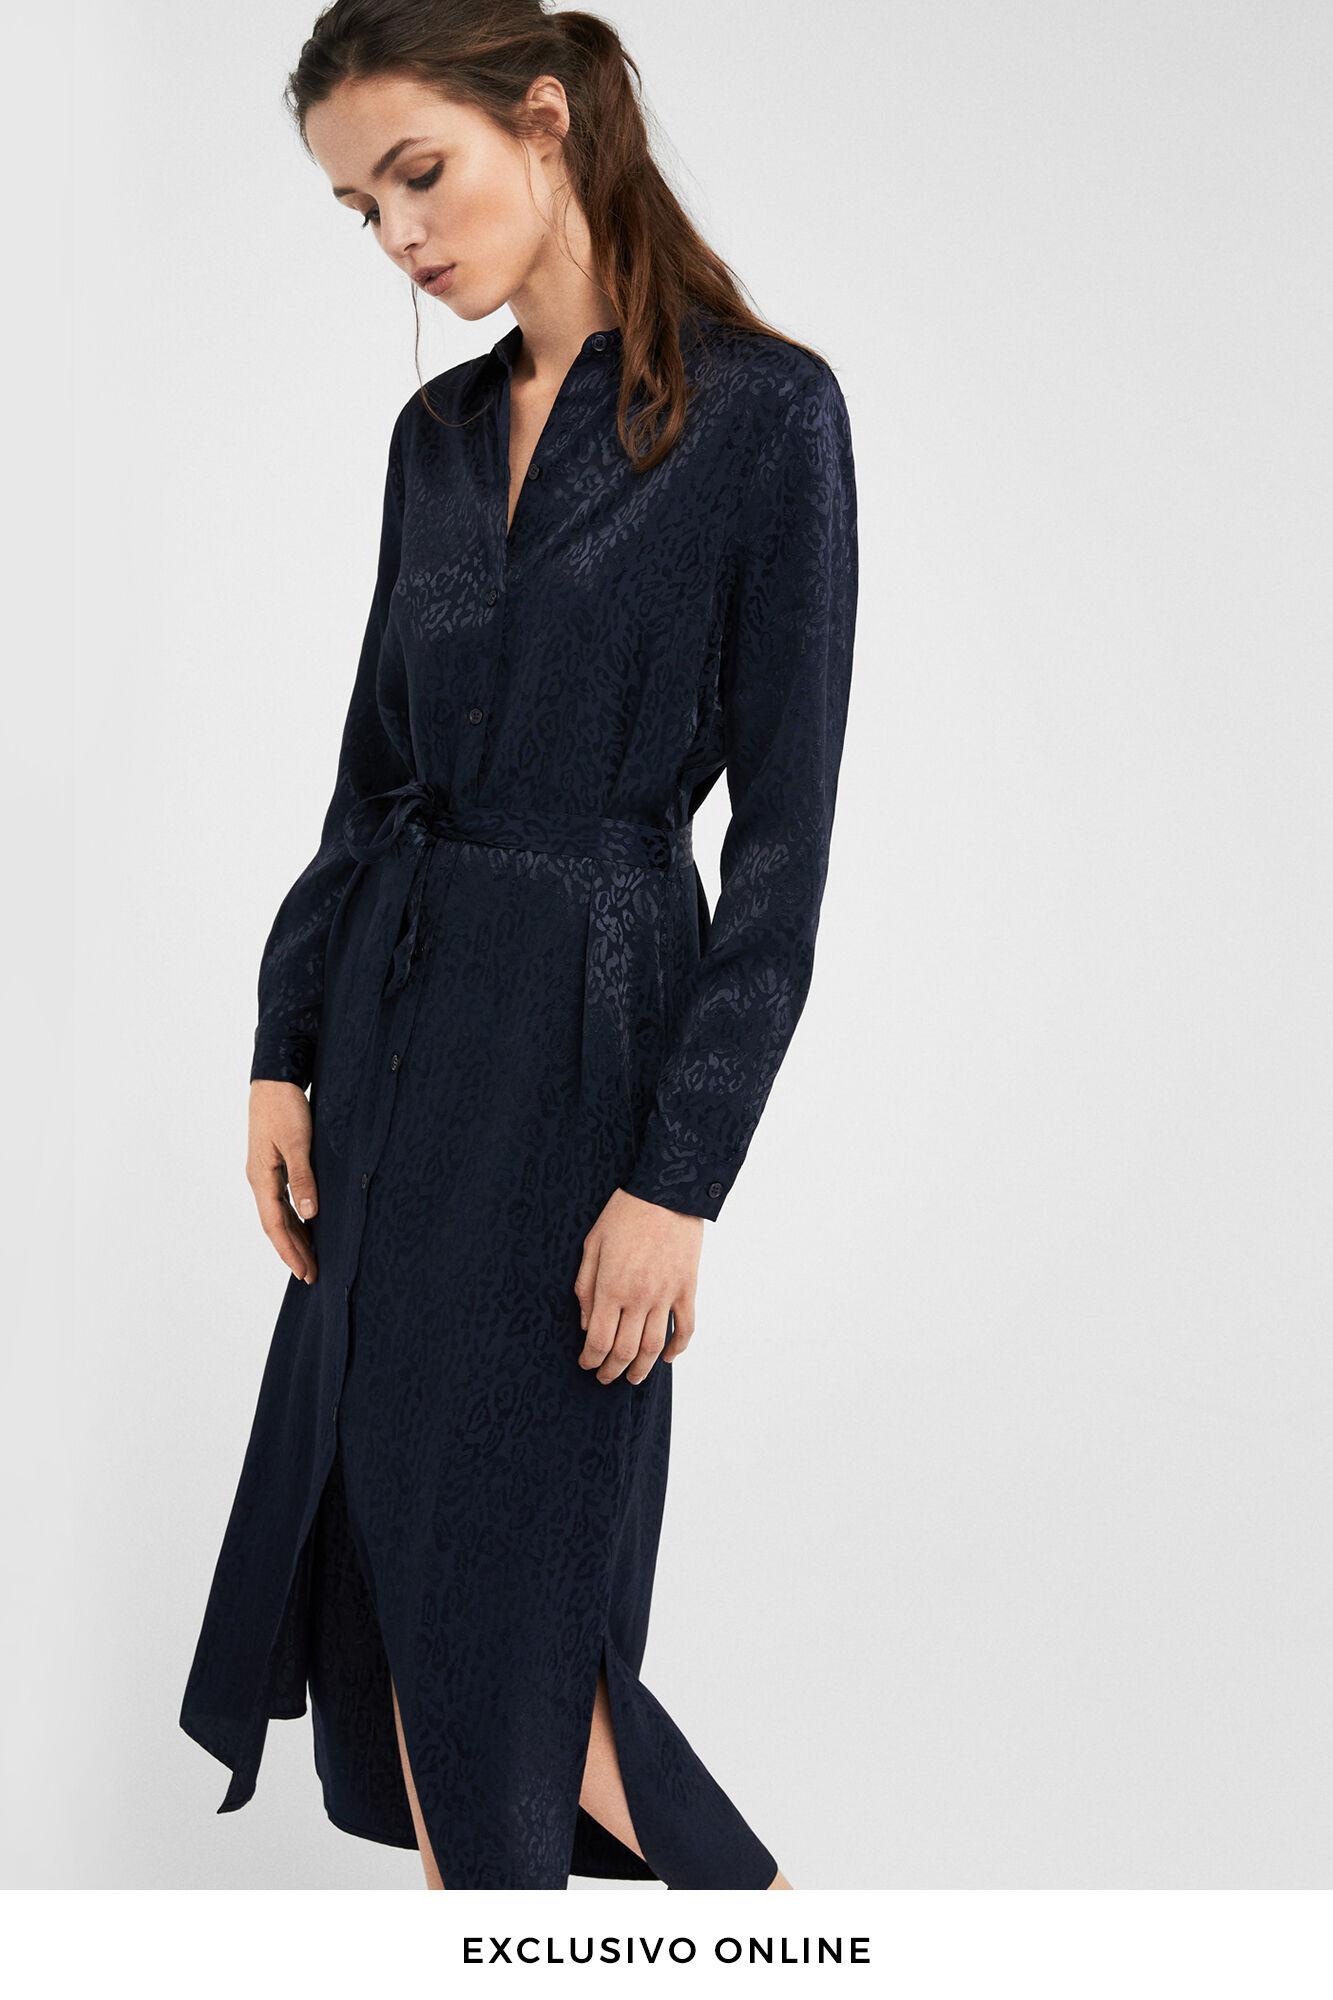 Comprar vestido camisero negro